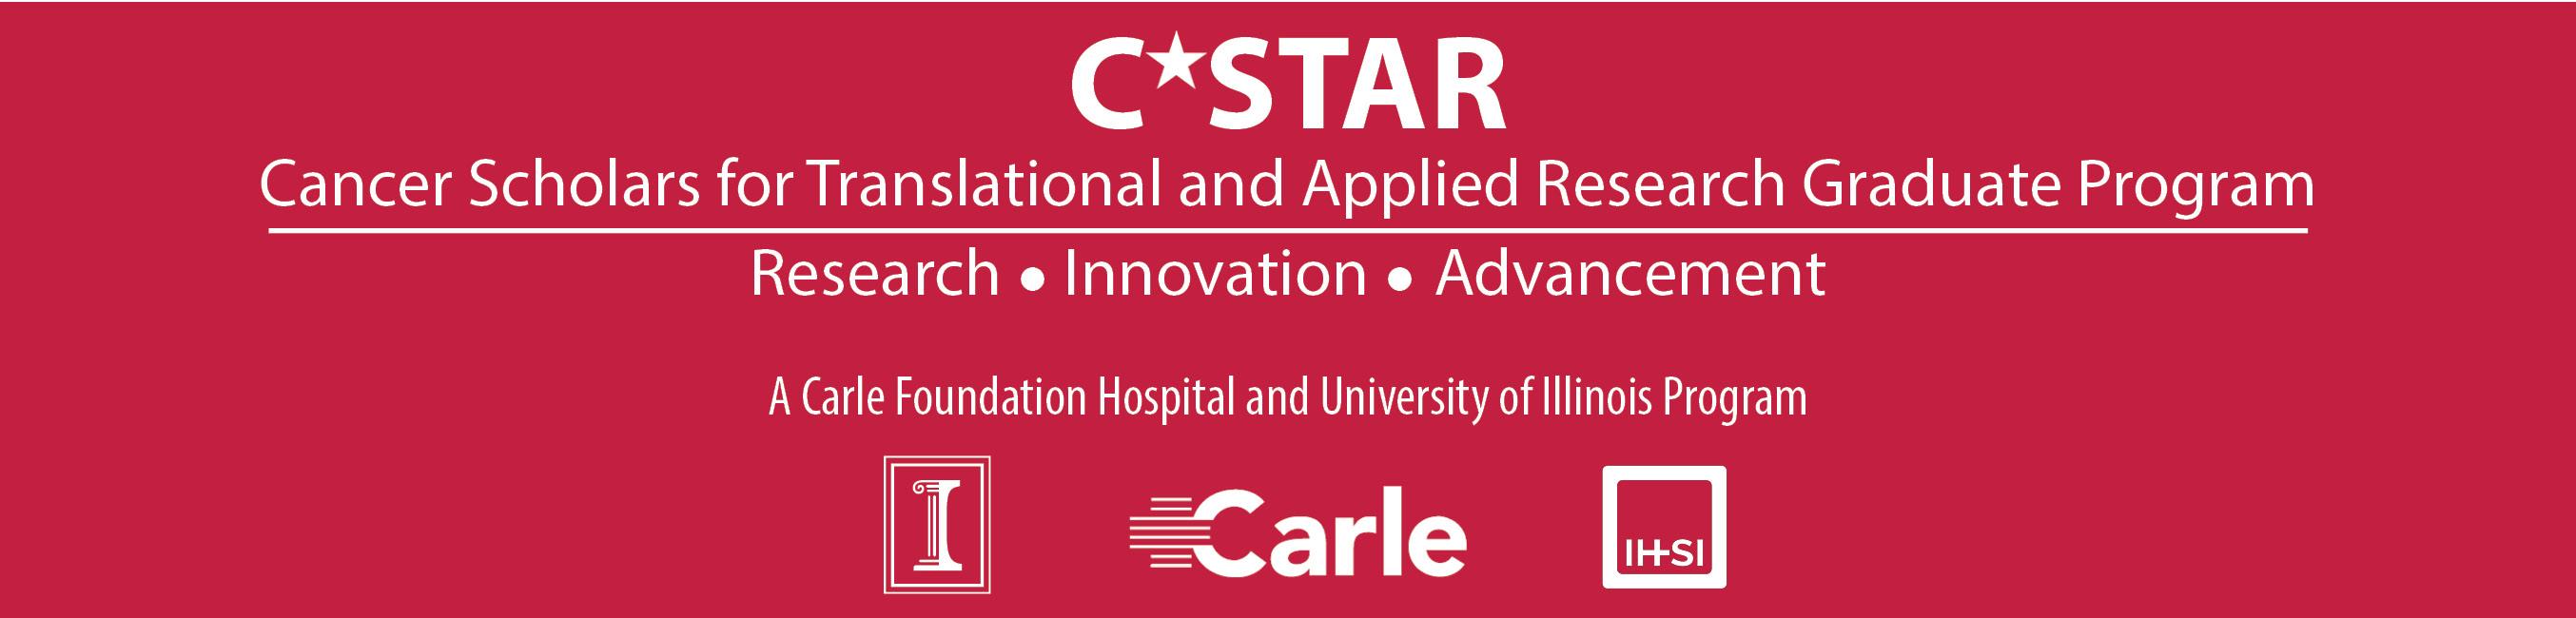 CSTAR header image